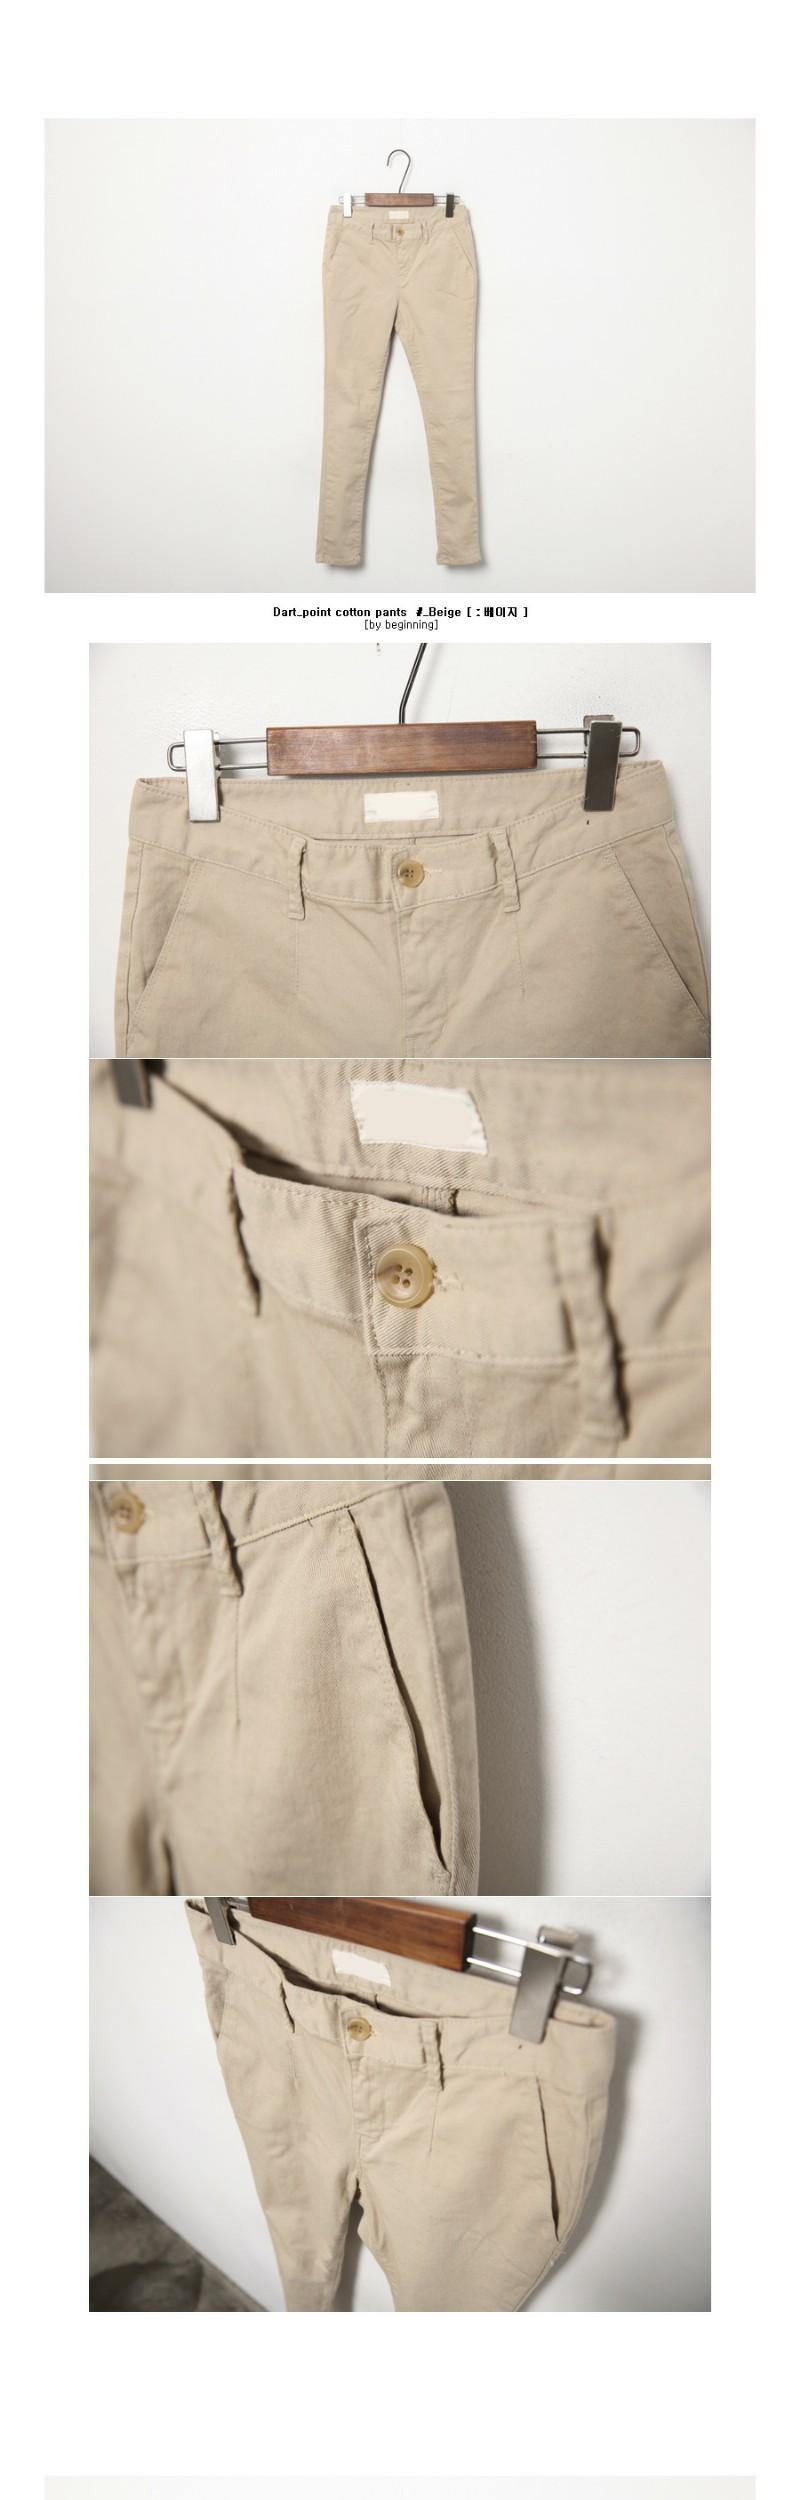 Dart_point cotton pants